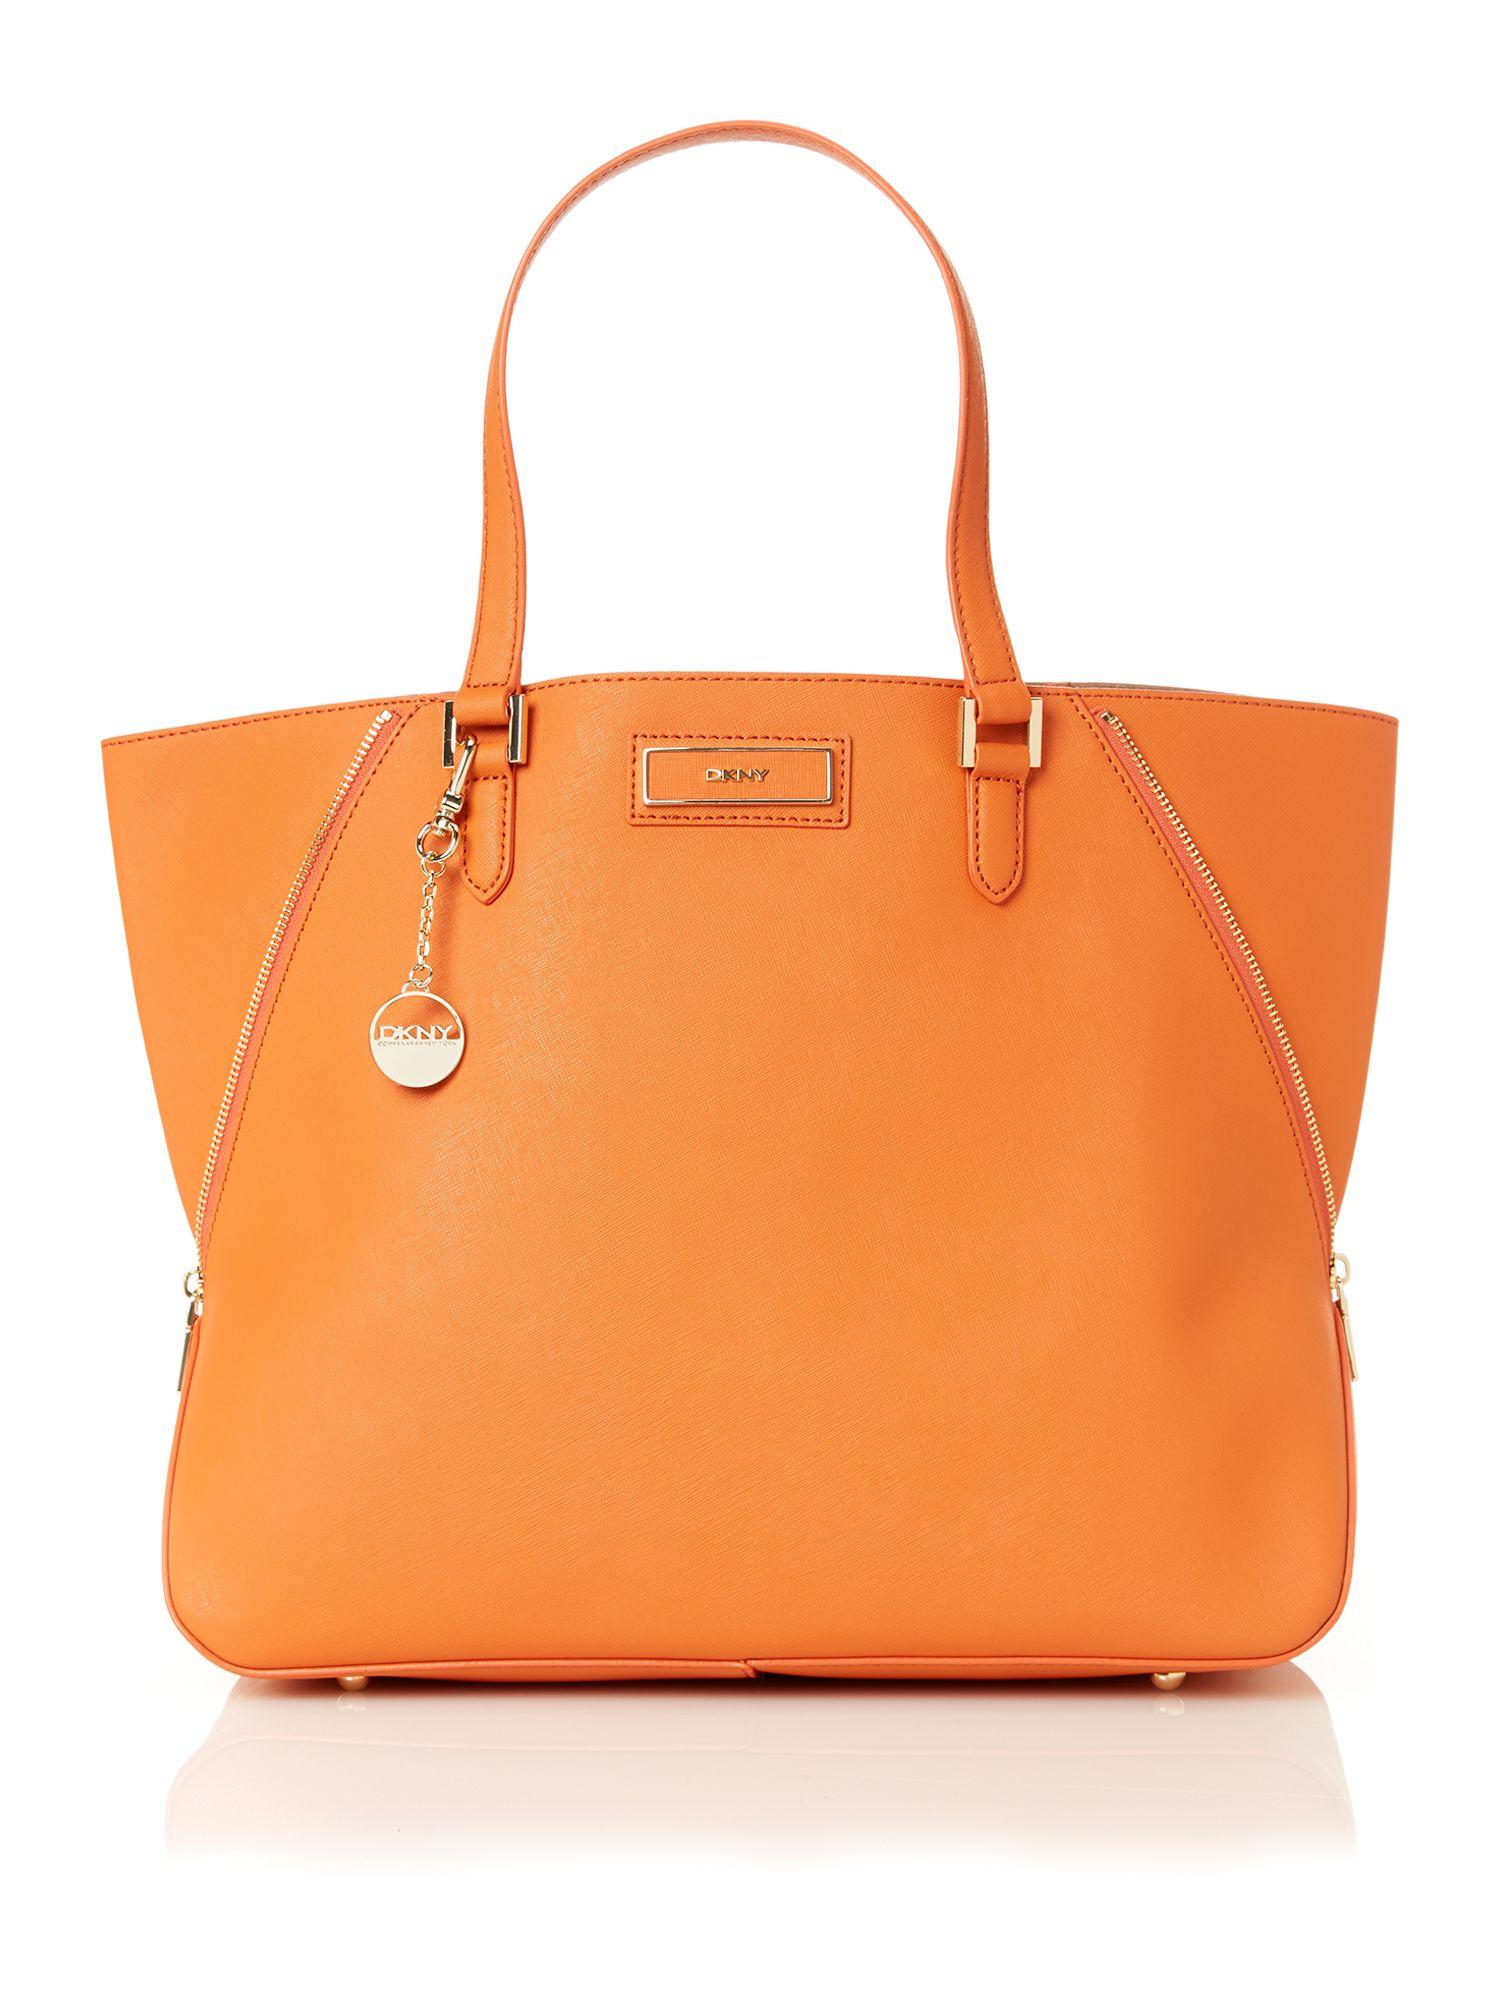 Dkny orange large orange tote bag product jpg 1500x2000 Giant orange  luggage bags 937b0f0e42826